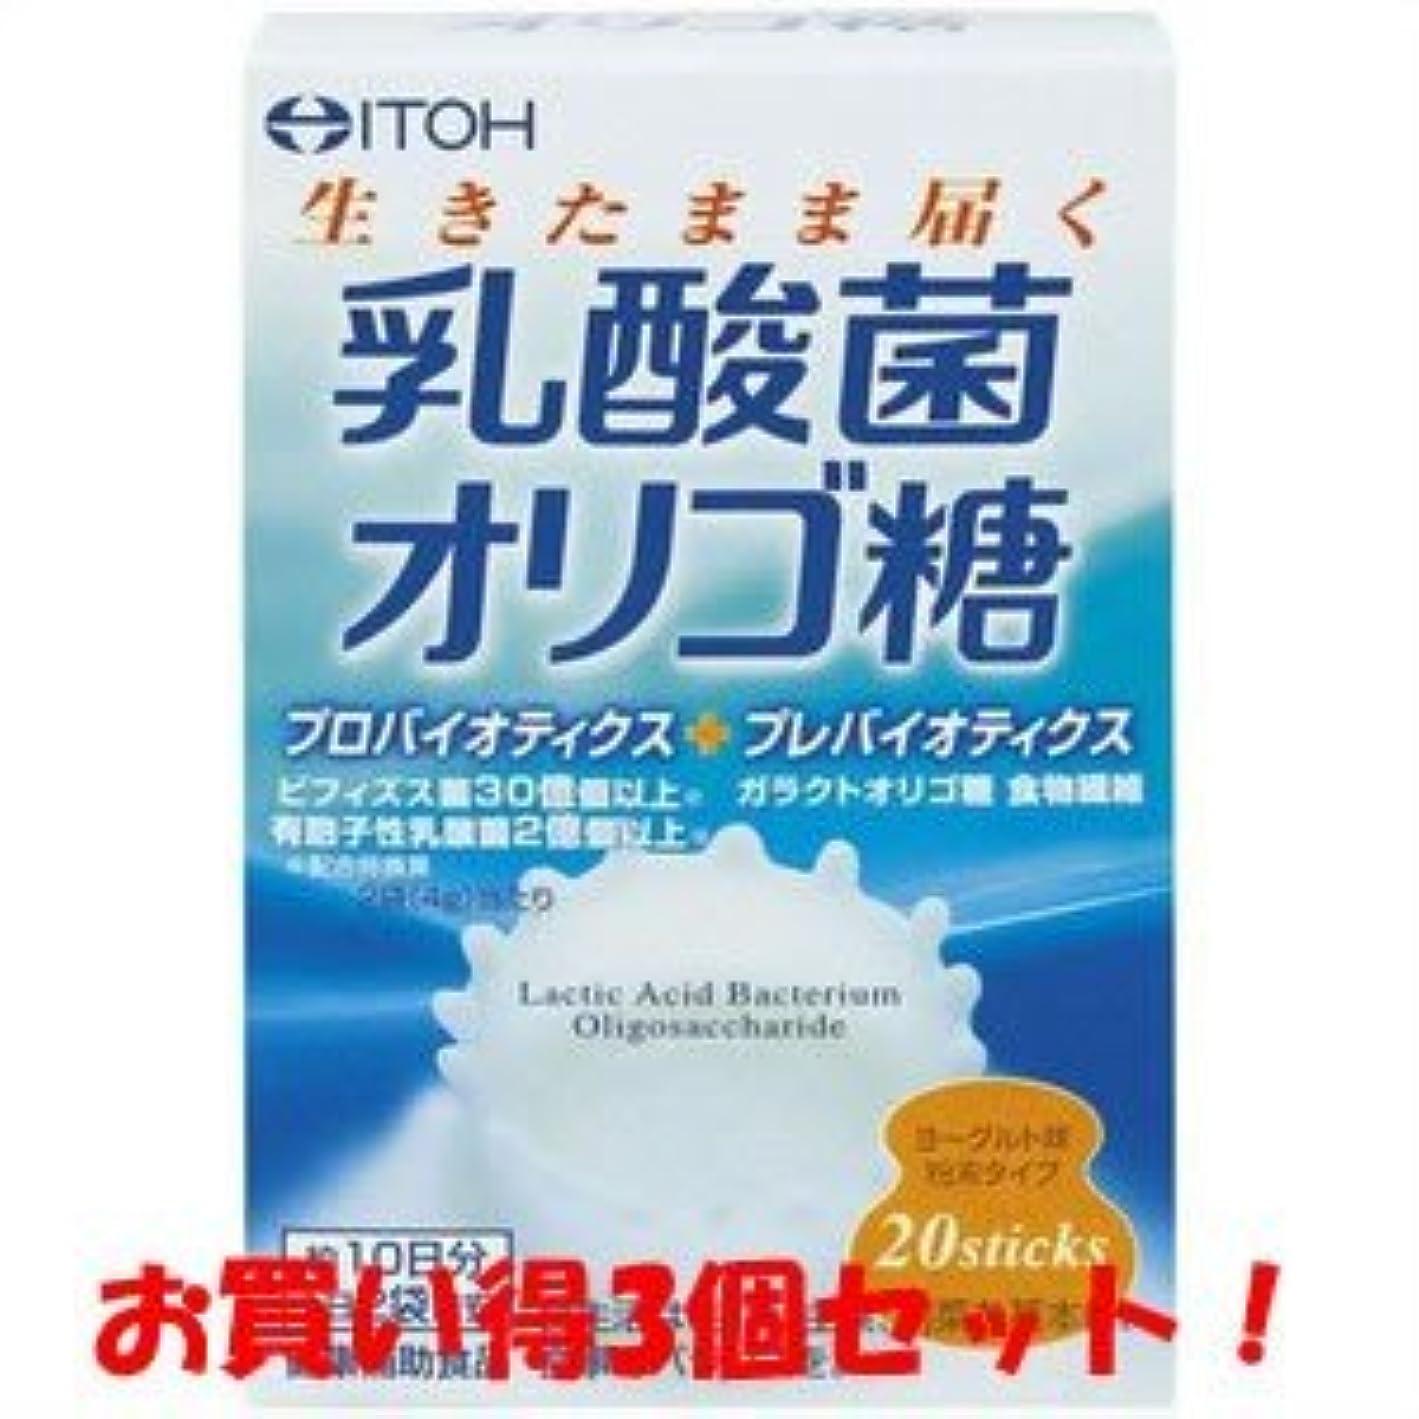 足首尾腫瘍【井藤漢方製薬】乳酸菌オリゴ糖 40g(2g×20スティック)(お買い得3個セット)